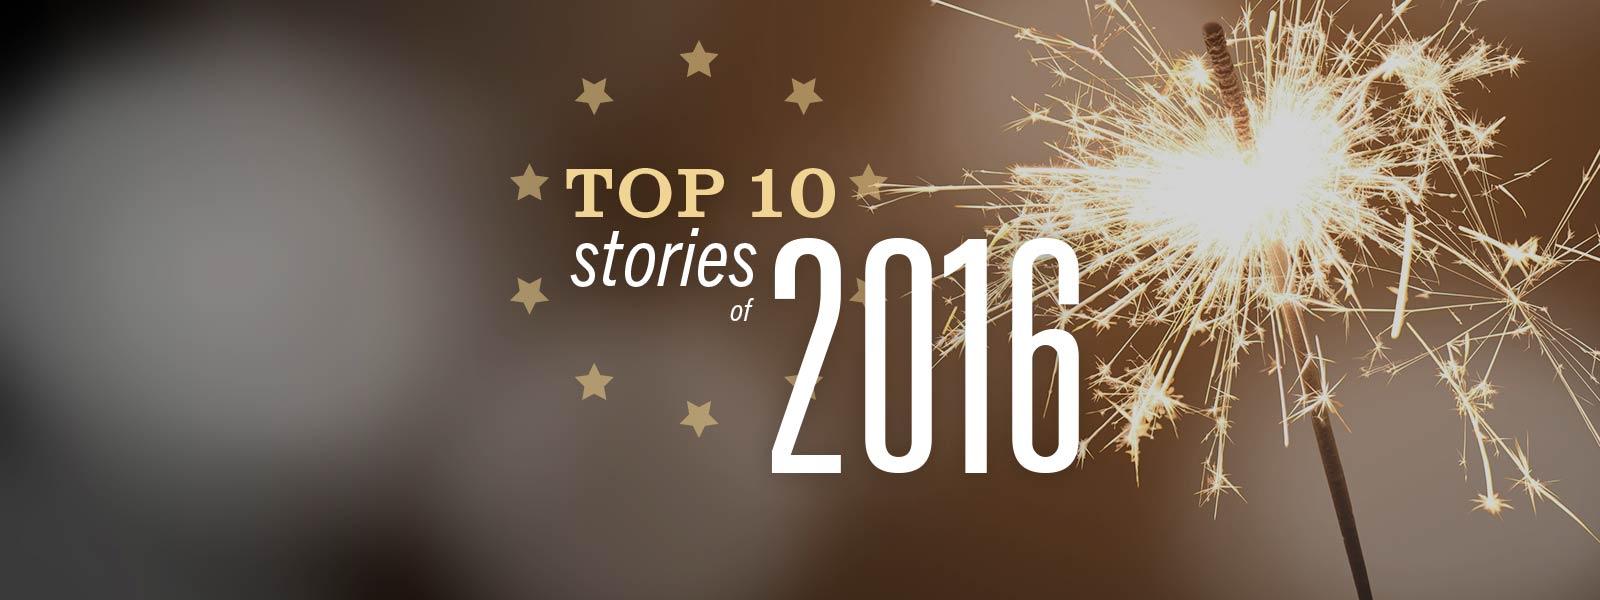 Top 10 2016